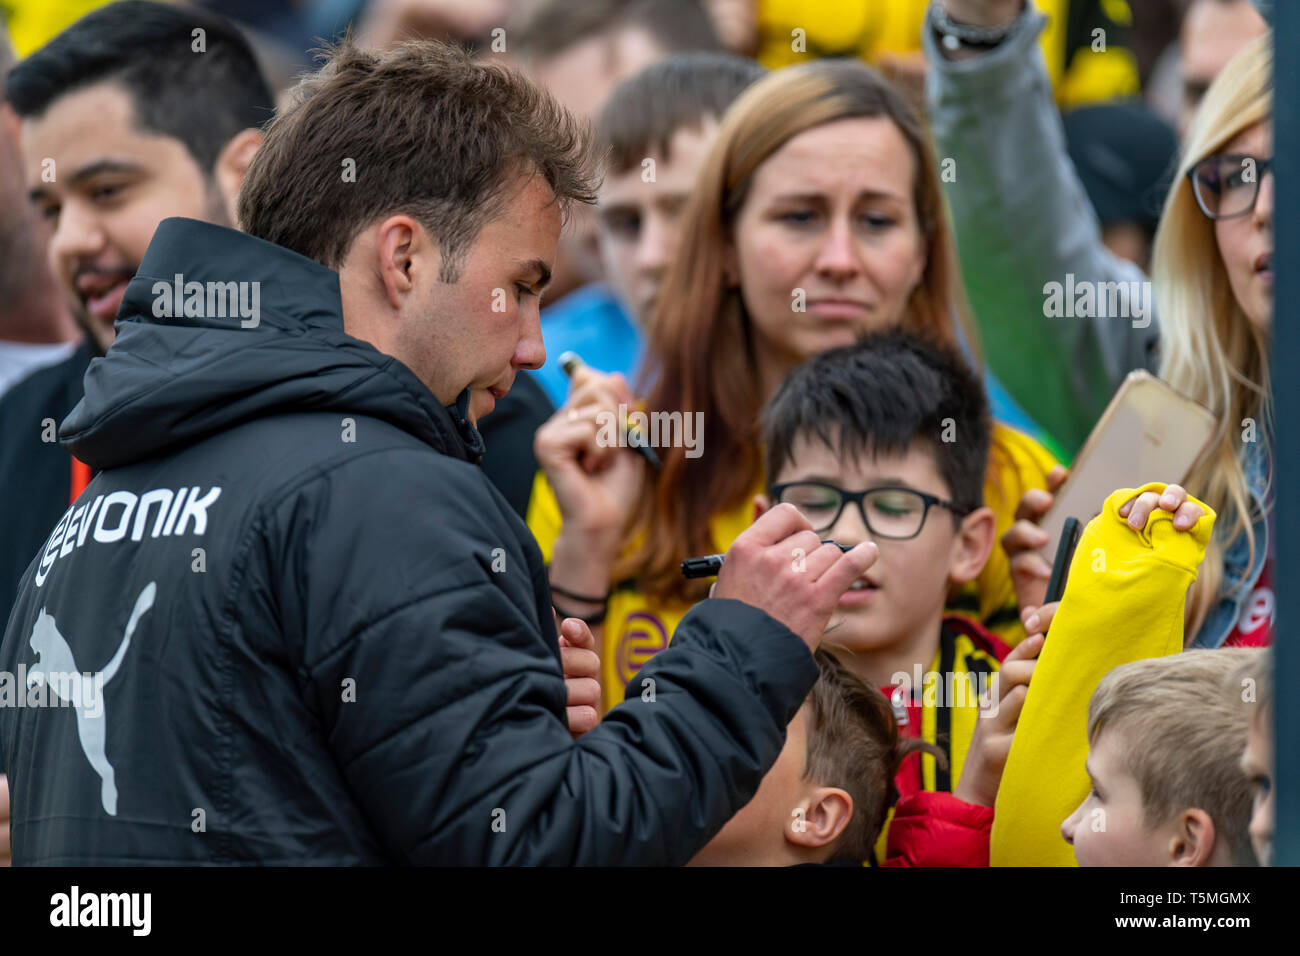 Fußball: 1. Bundesliga, Saison 2018/2019, Training von Borussia Dortmund am 25.04.2019 in Dortmund.   Dortmunds Mario Götze / Goetze gibt Autogramme - Stock Image